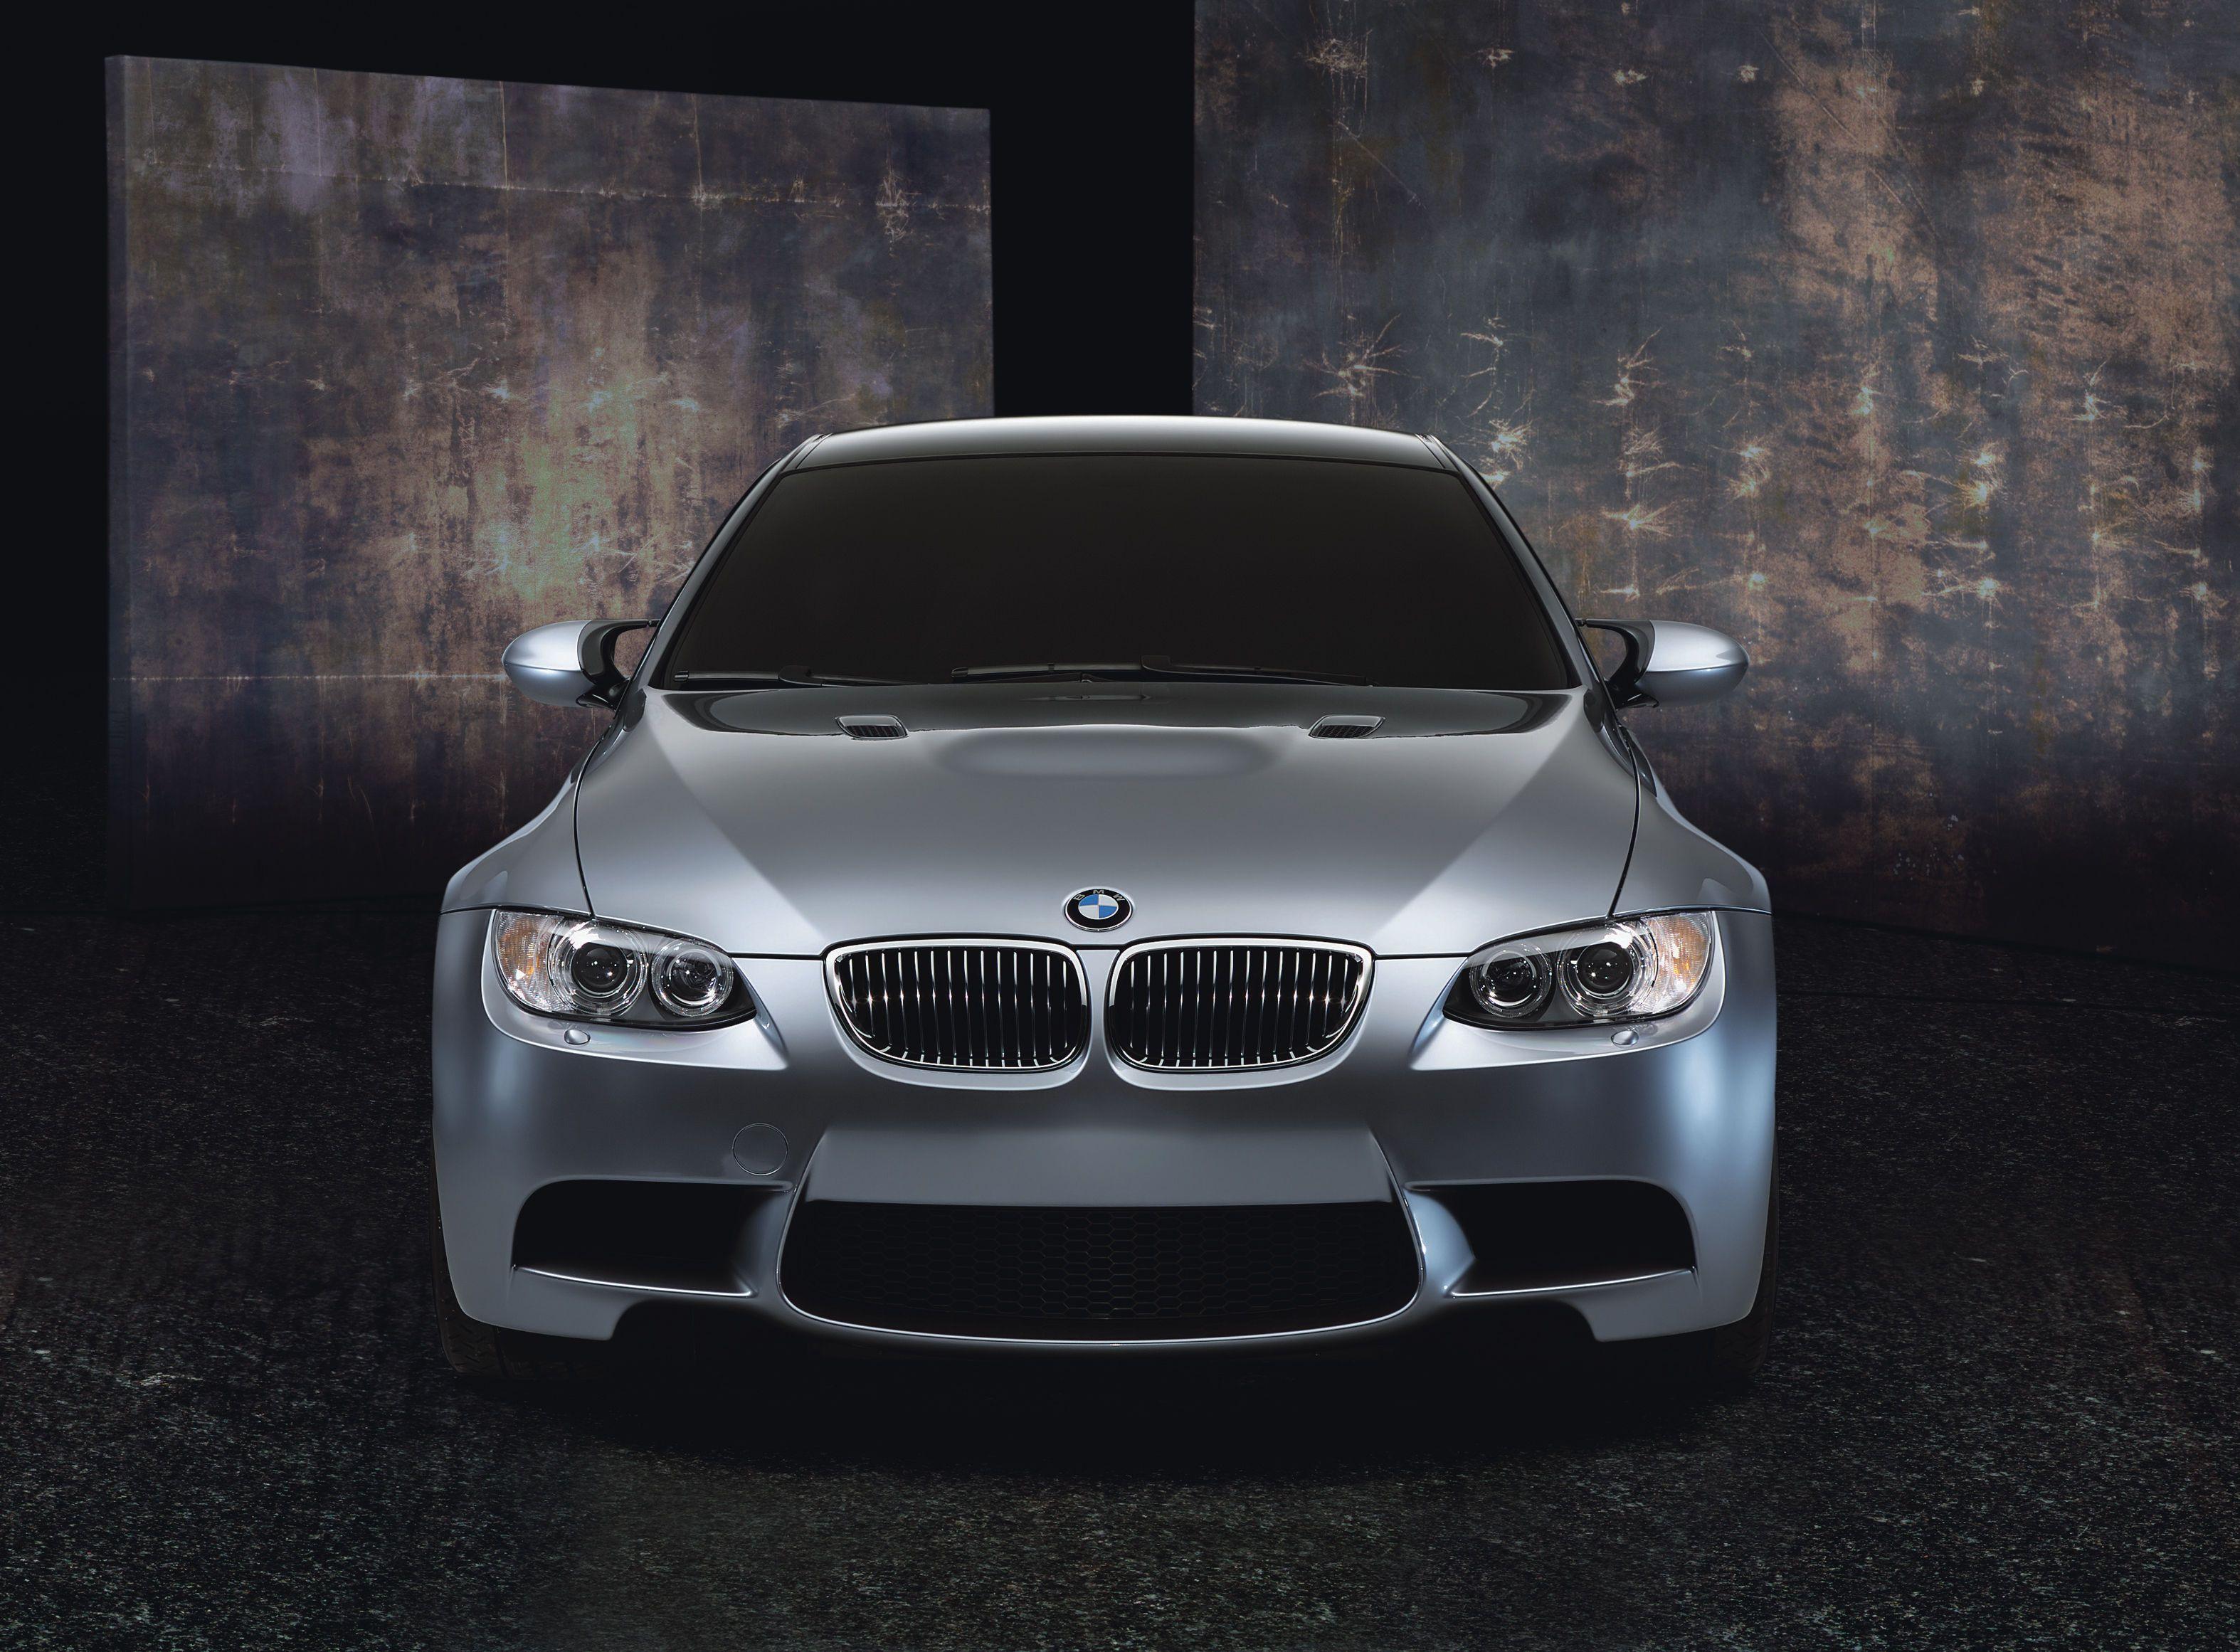 2007 BMW M3 concept | BMW concepts | Pinterest | Bmw concept, BMW M3 ...